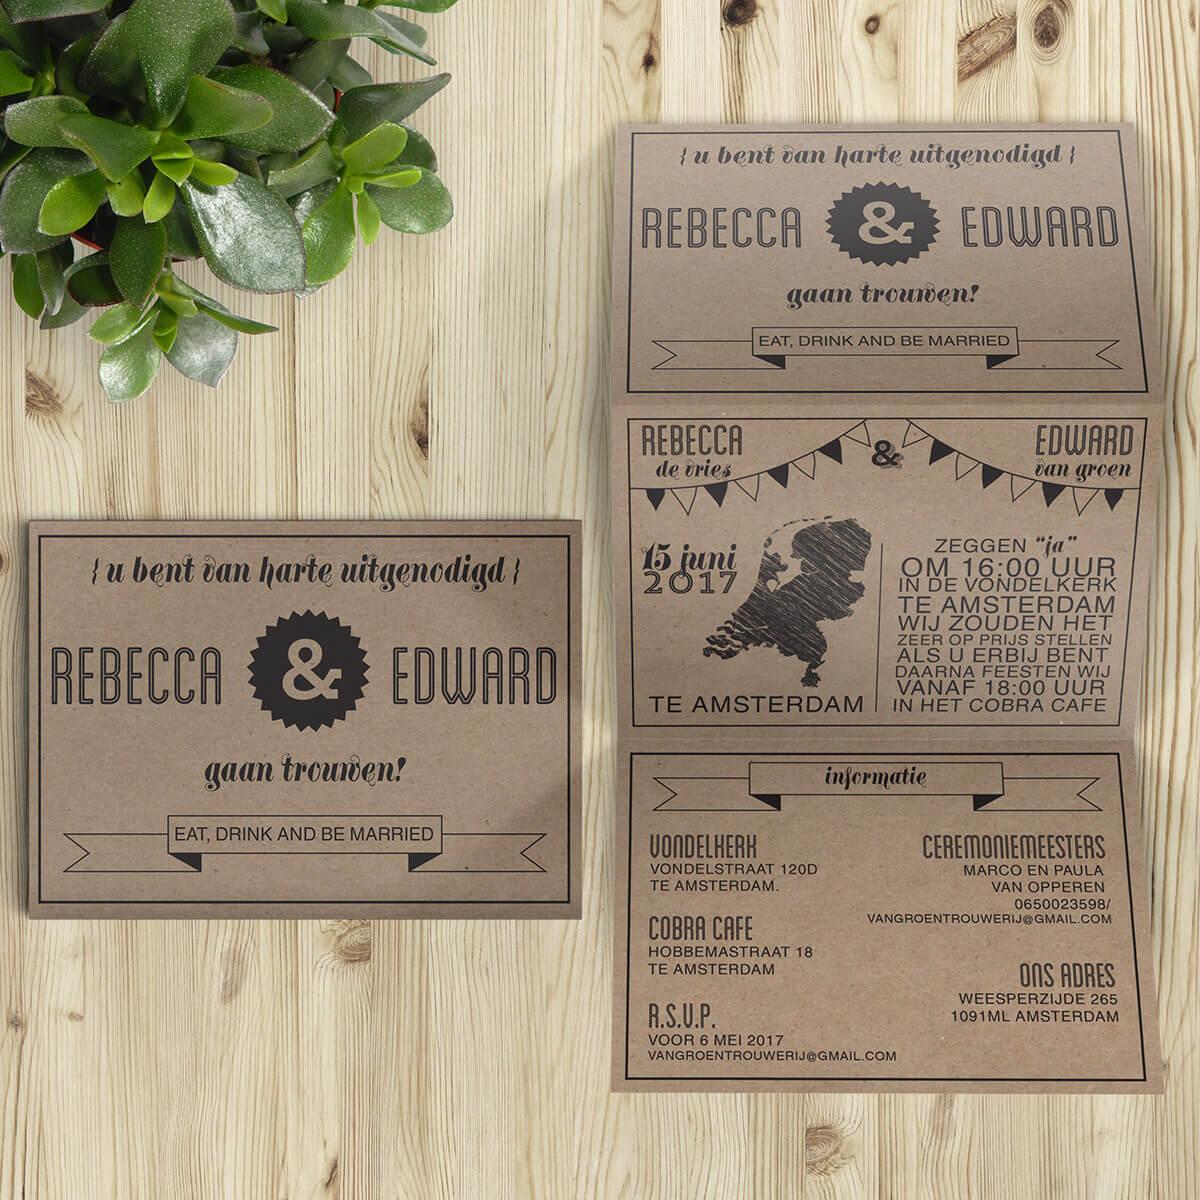 De strakke, originele manier van vouwen van Hipster Retro trouwkaart maakt van de achterkant een lange poster en van de voorkant drie afgebakende panelen.